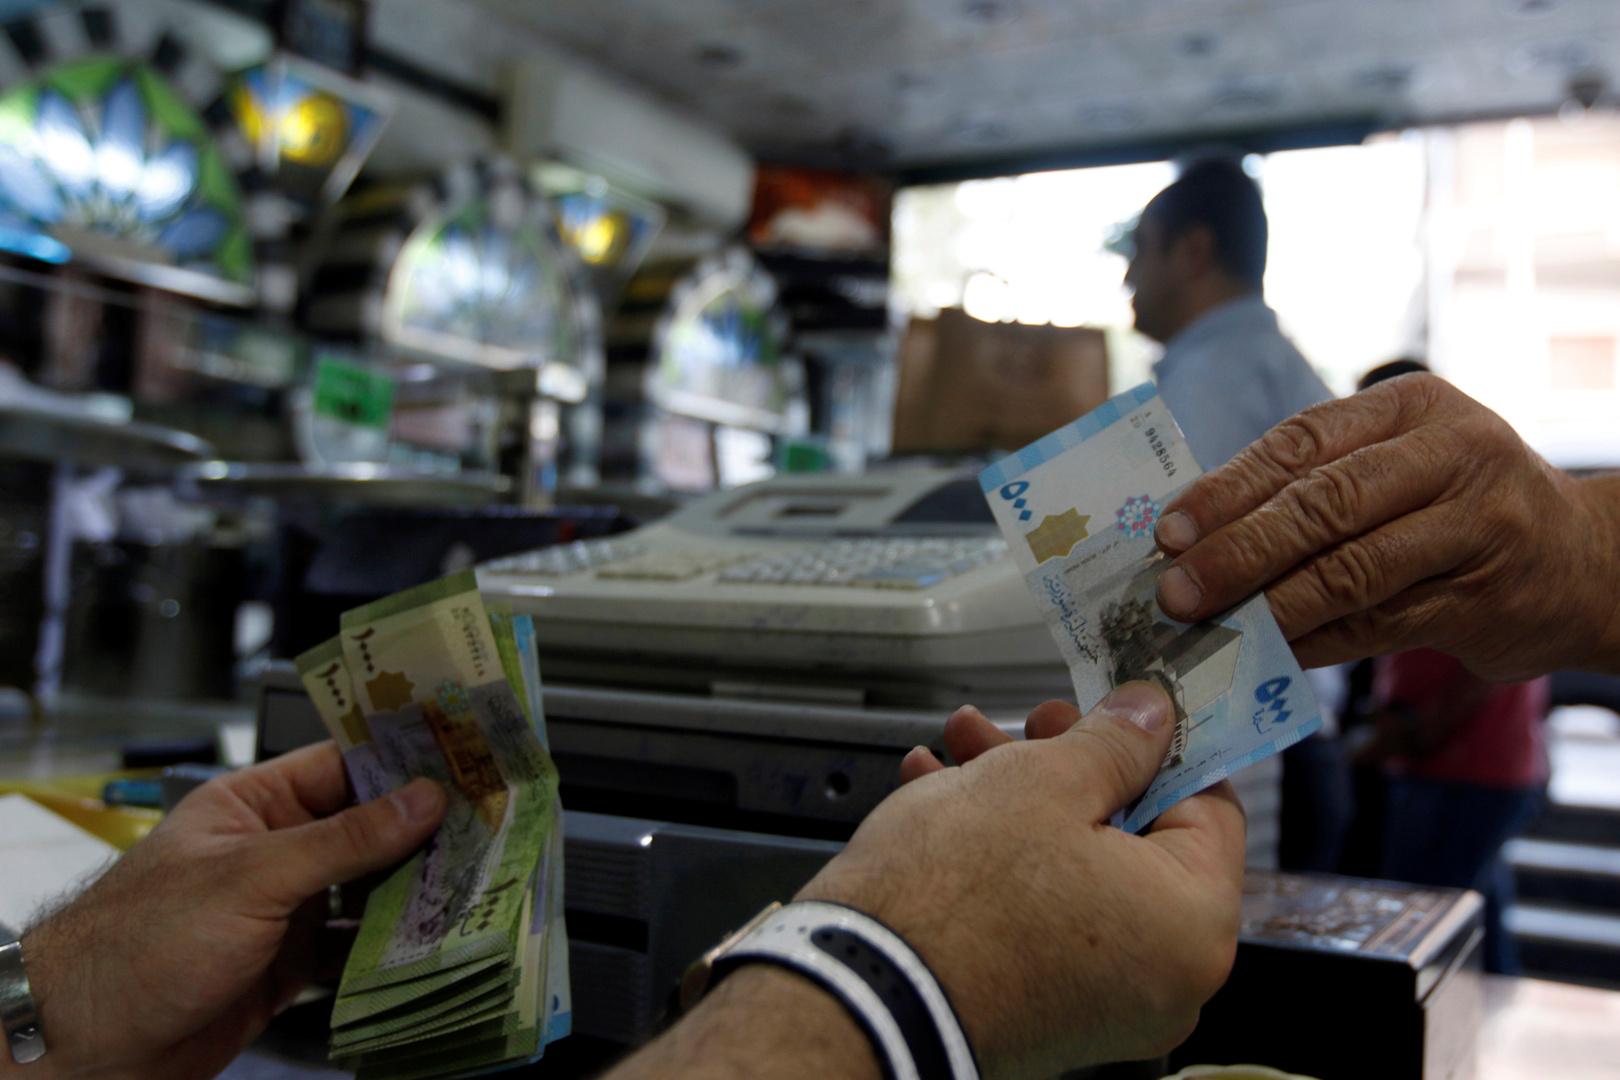 سوريا.. خبيرة تتحدث عن أسباب ارتفاع أسعار السلع رغم تحسن الليرة